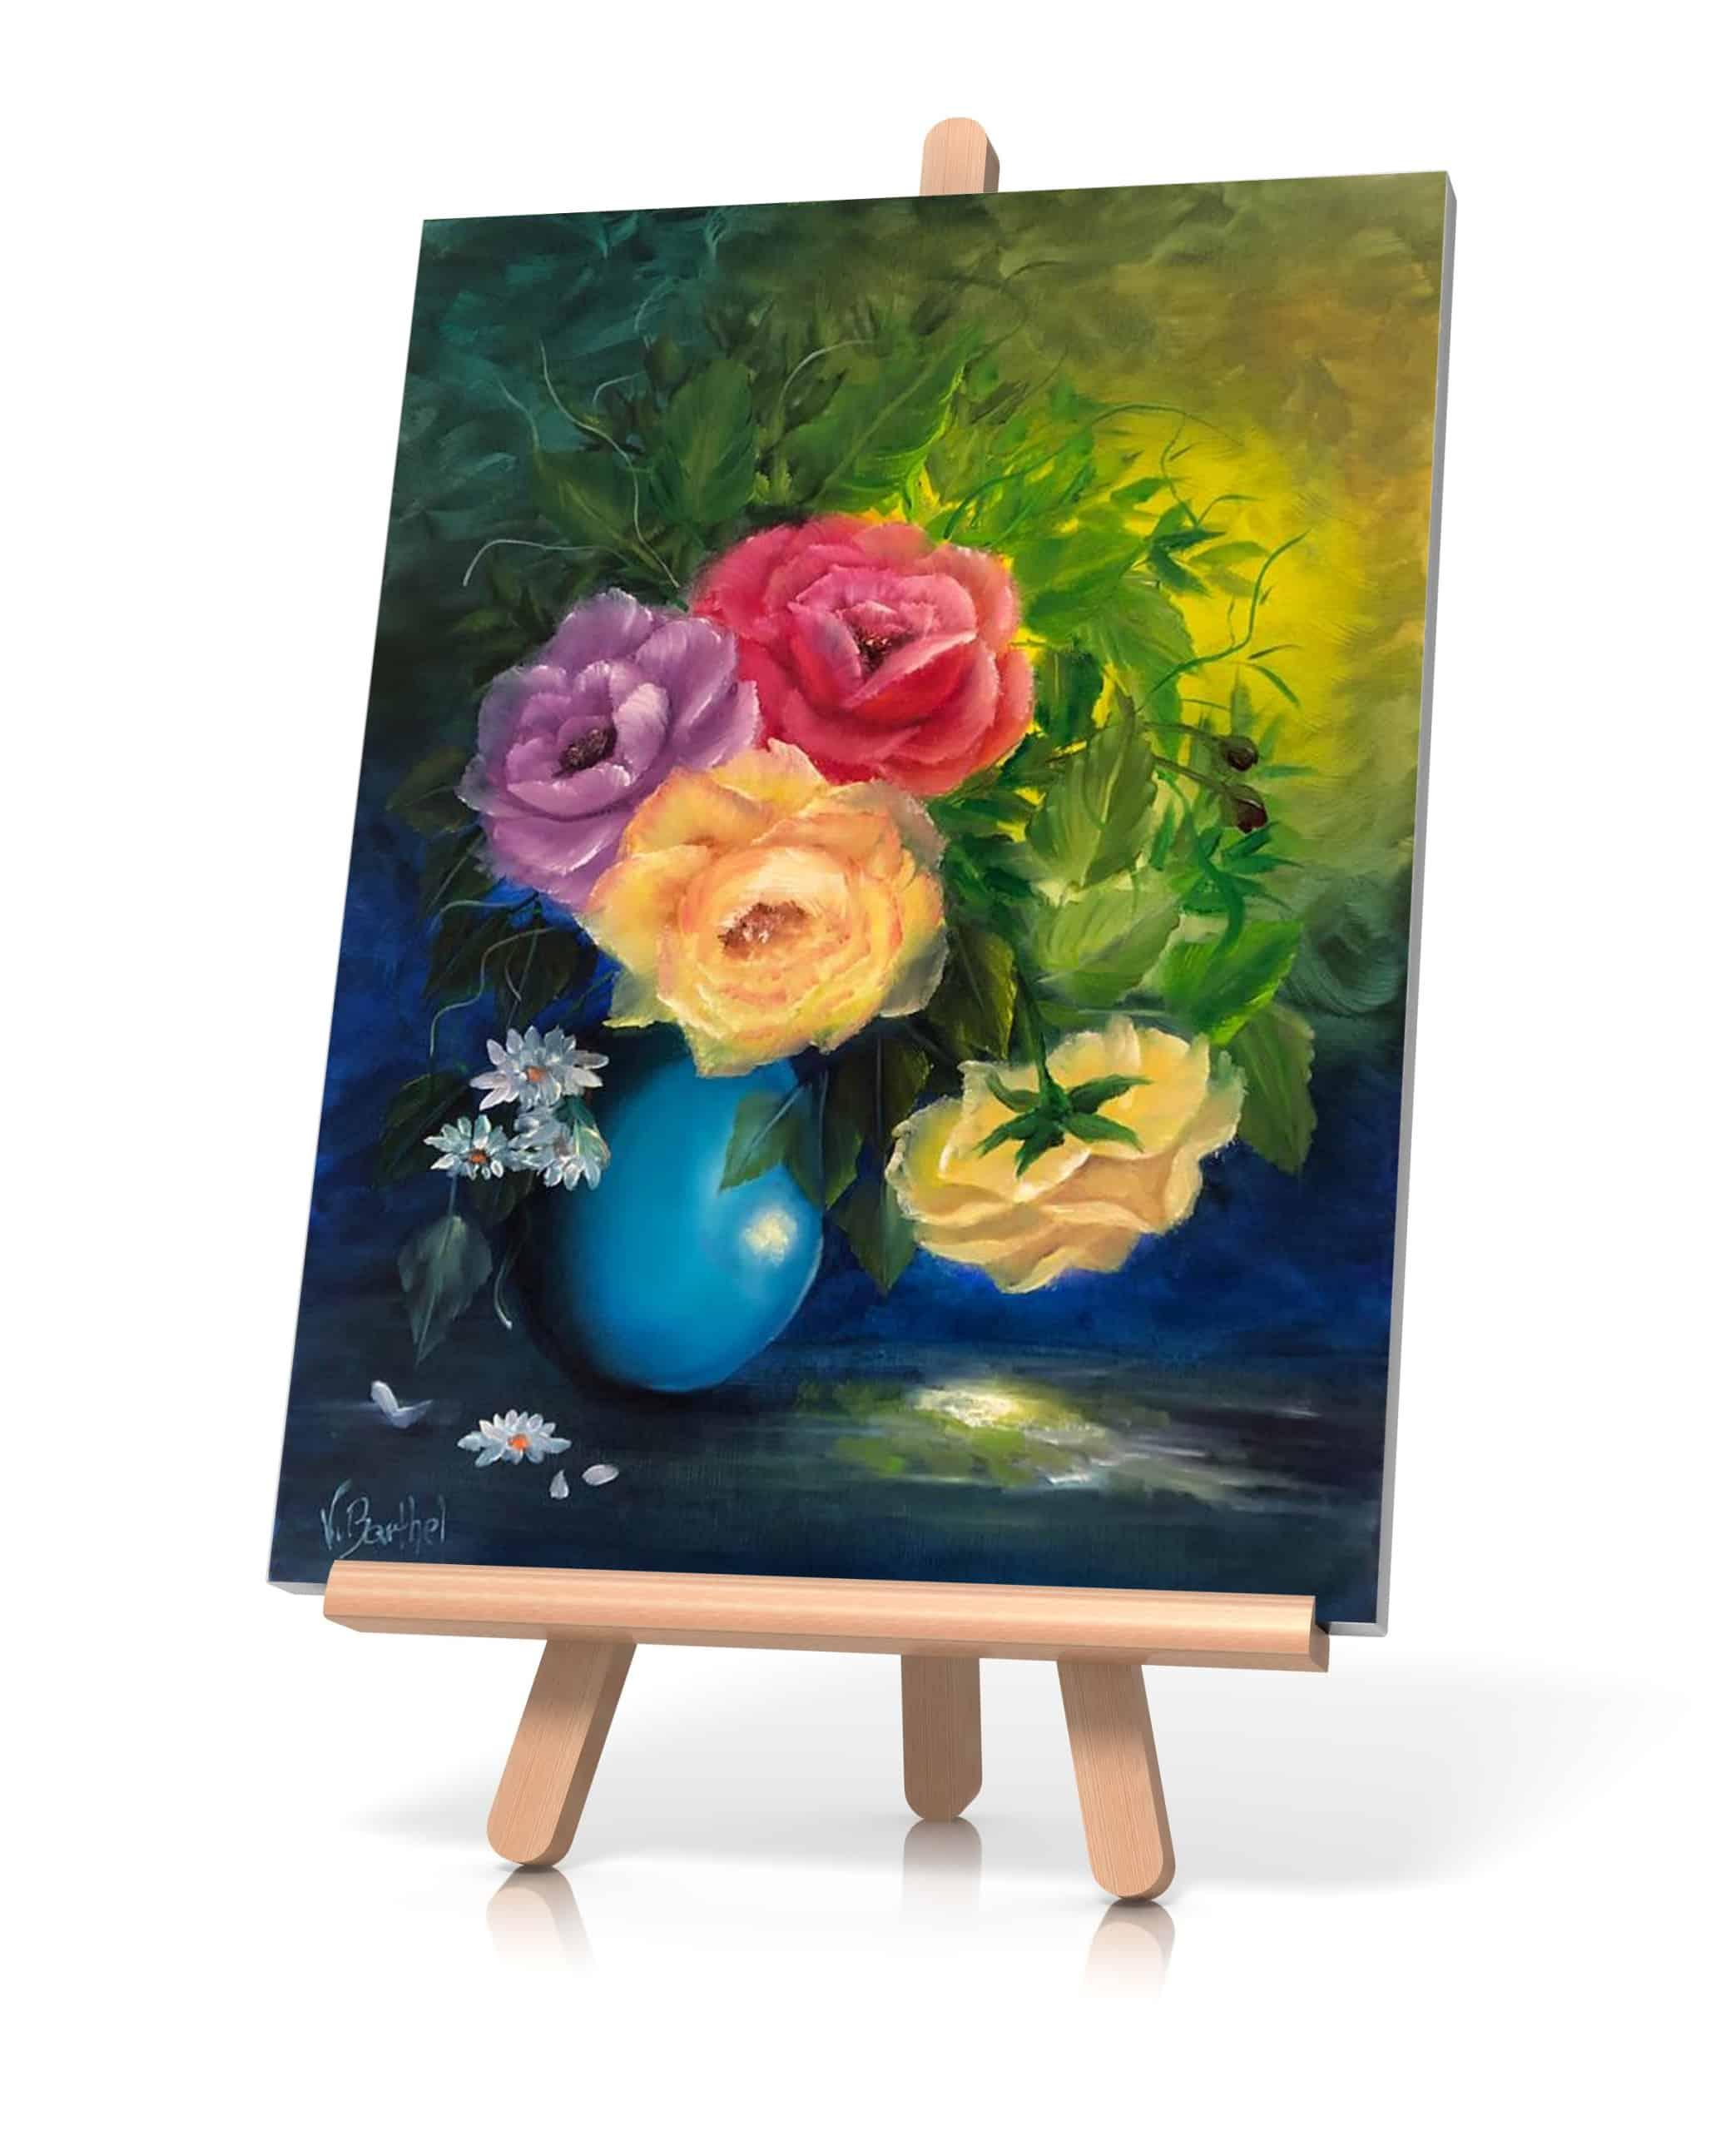 """Ölgemälde """"Rosen in blauer Vase"""" nach Gary Jenkins / Künstlerin: Viola Barthel"""